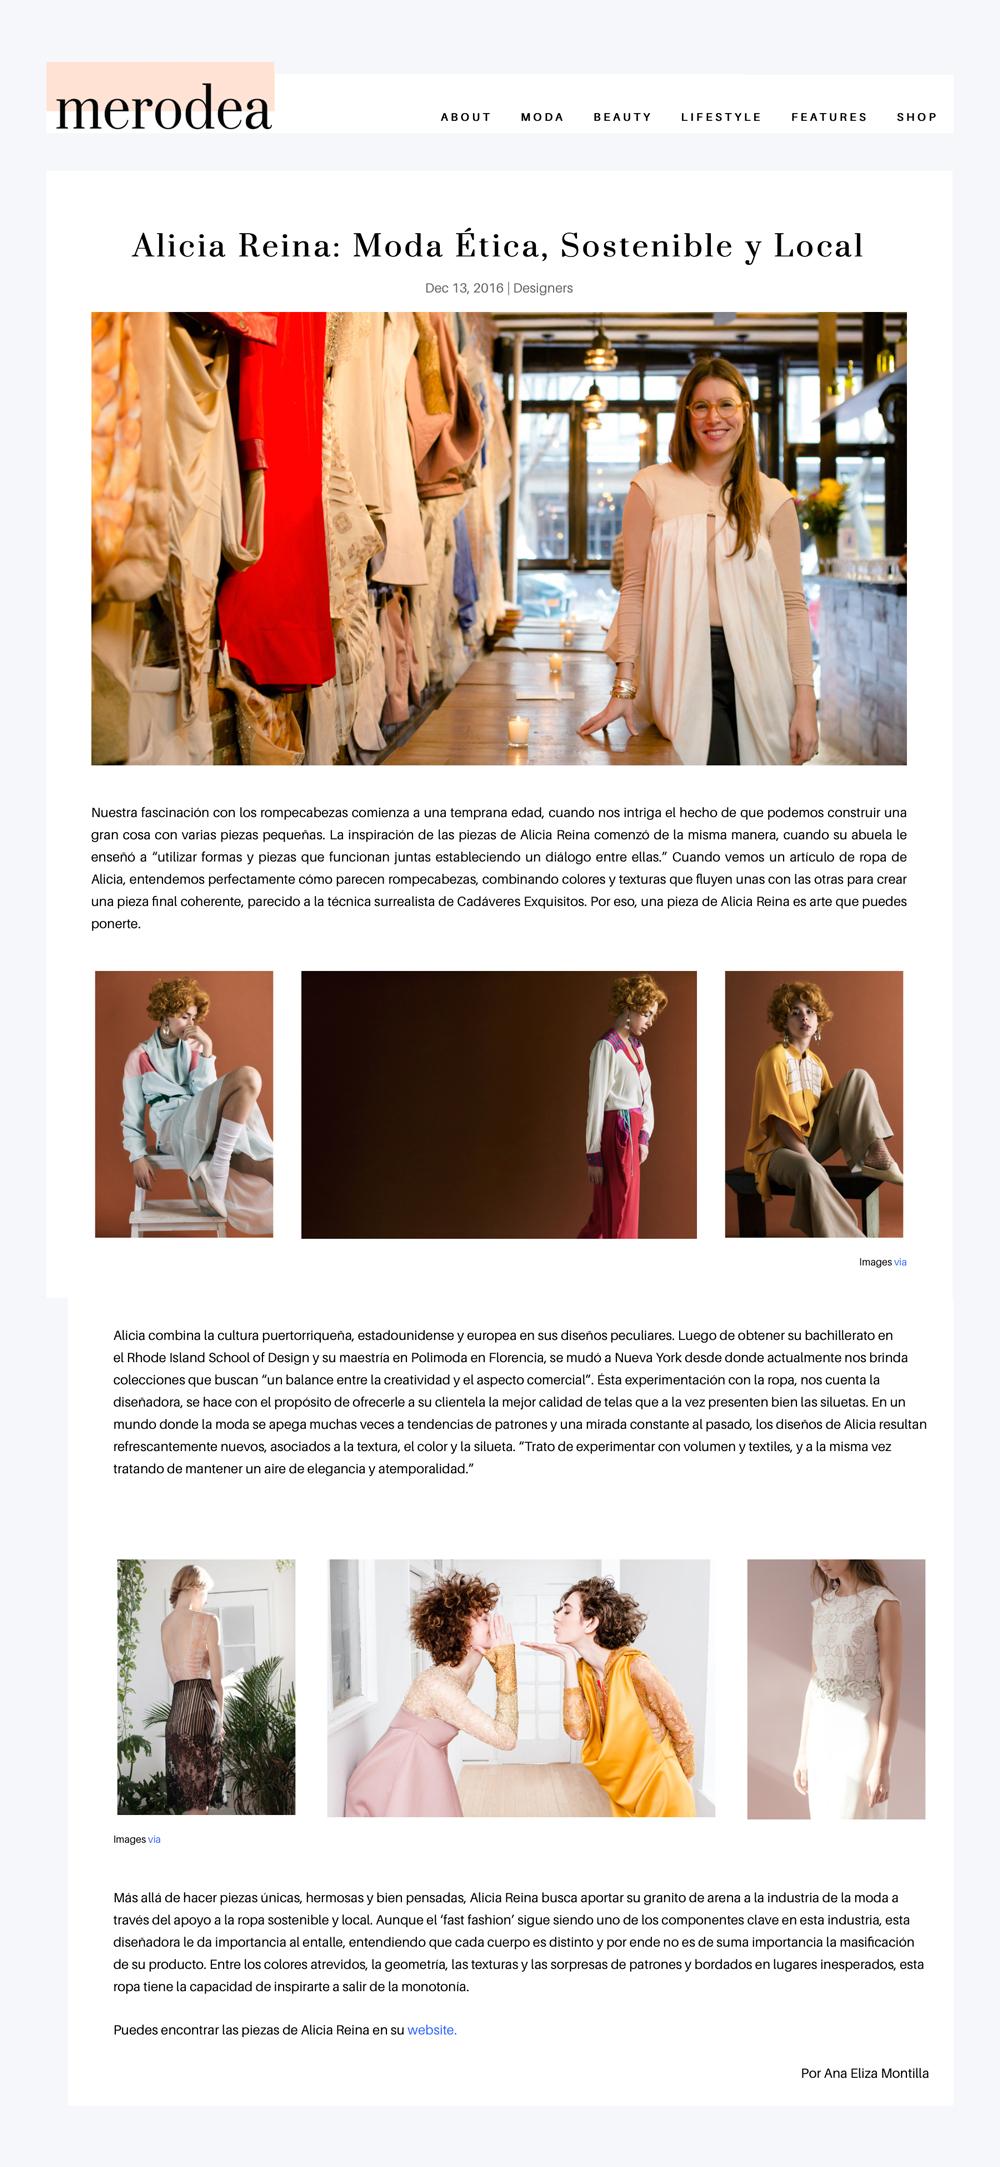 Alicia Reina: Moda Etica, Sostenible y Local